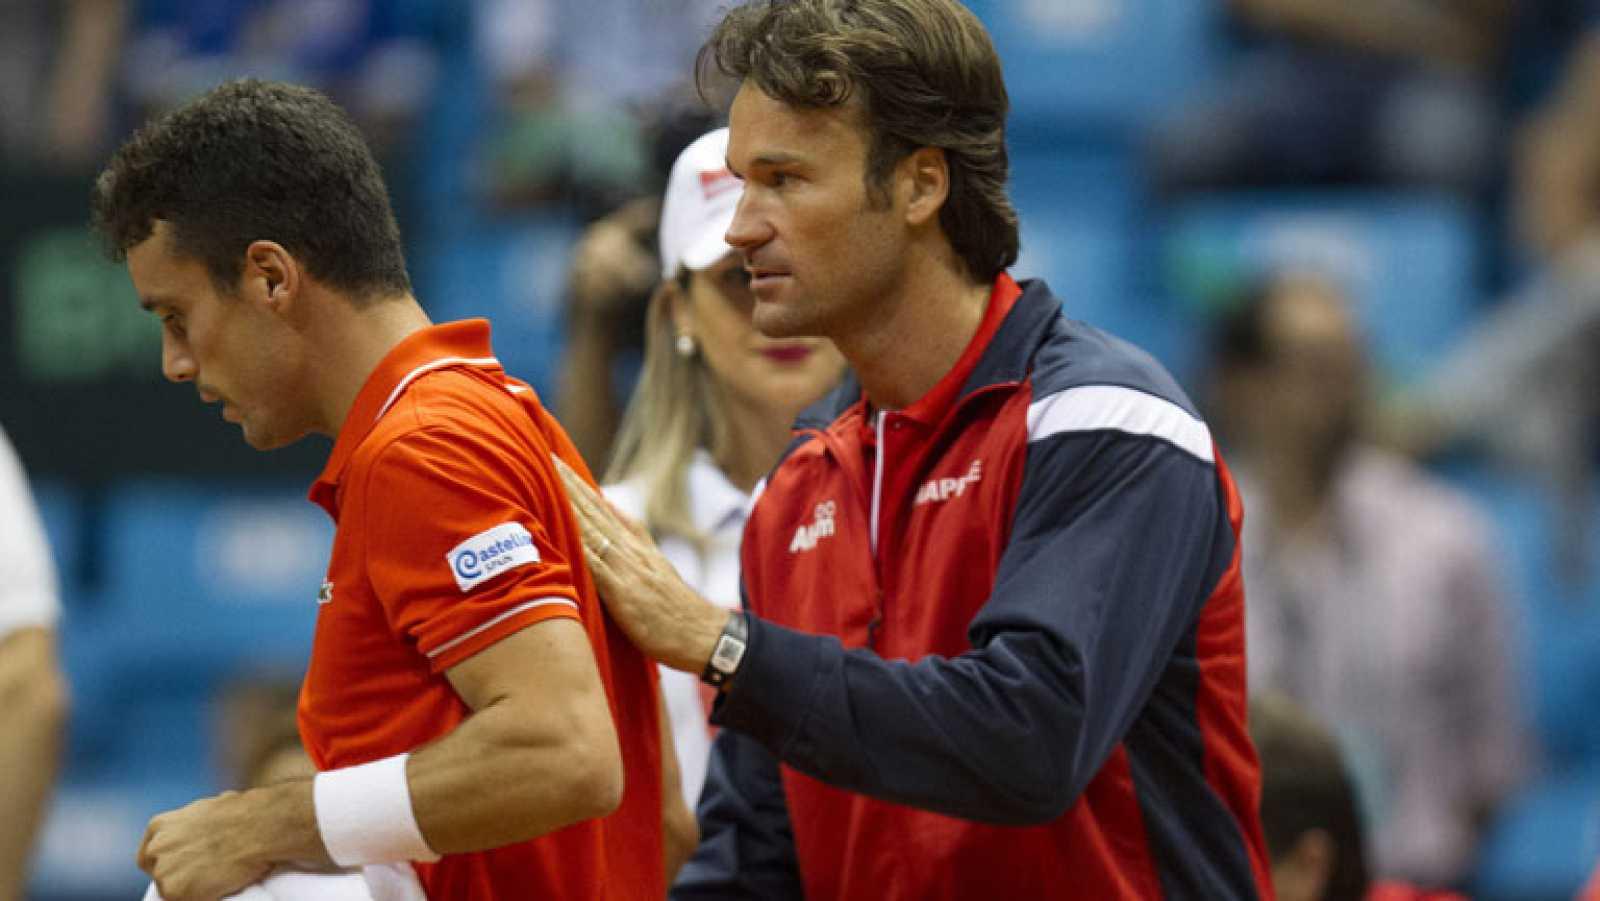 Carlos Moyá con Roberto Bautista durante un partido de Copa Davis